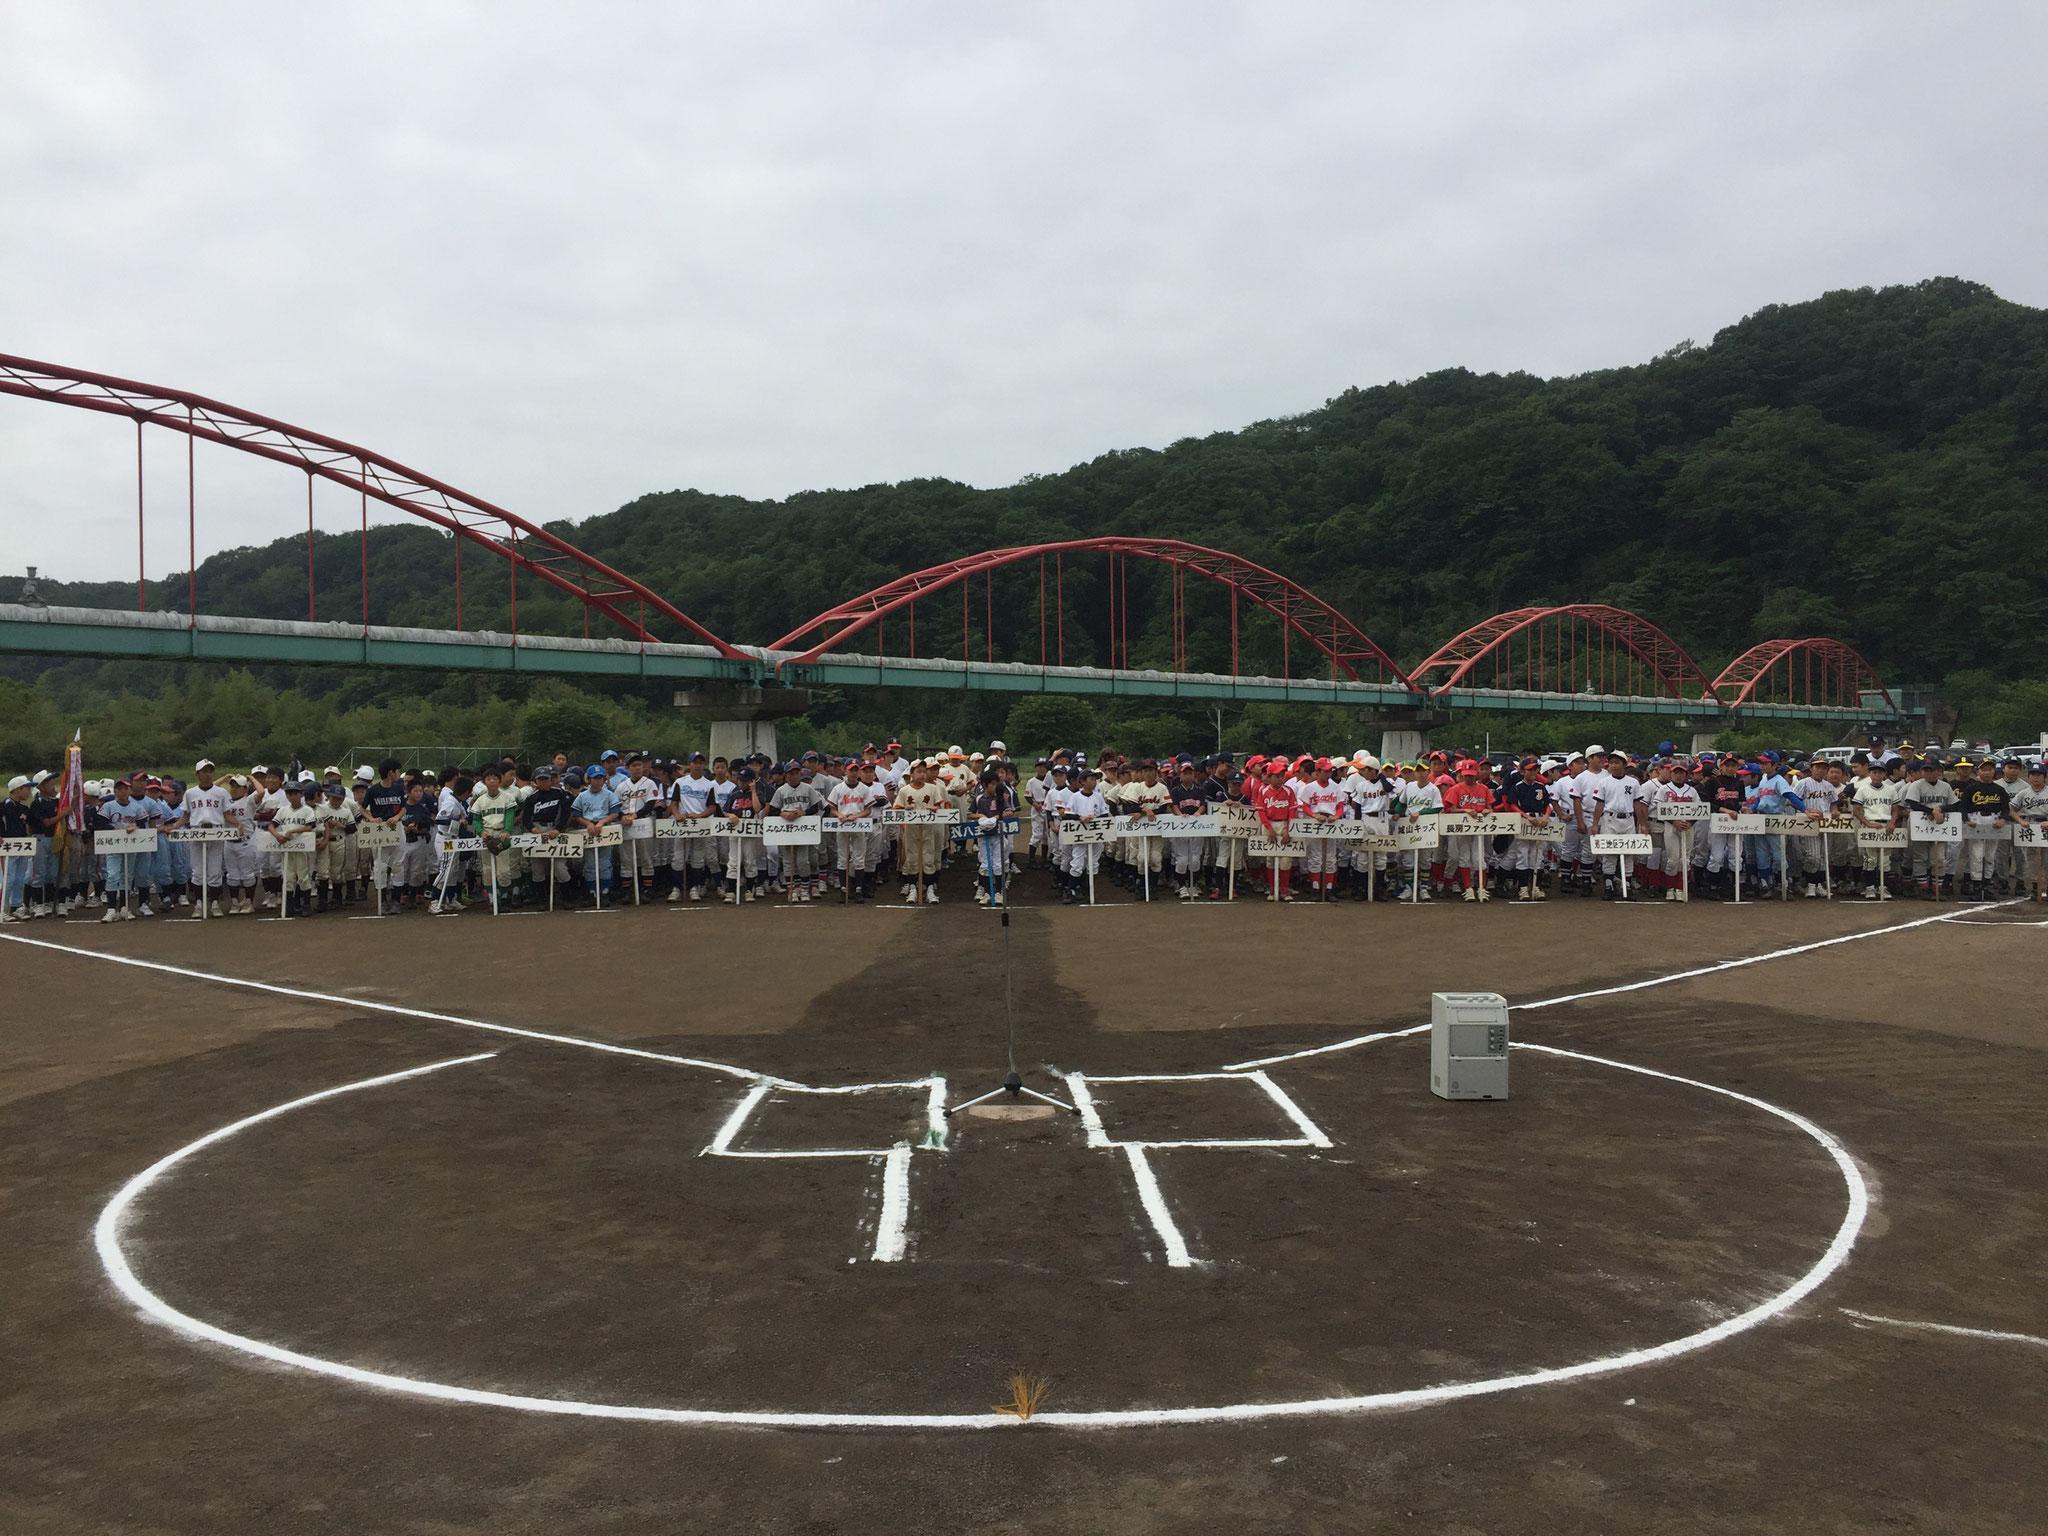 第23回 八王子市長杯争奪少年野球大会 開会式 H28.5.15(日) 滝ガ原グラウンド